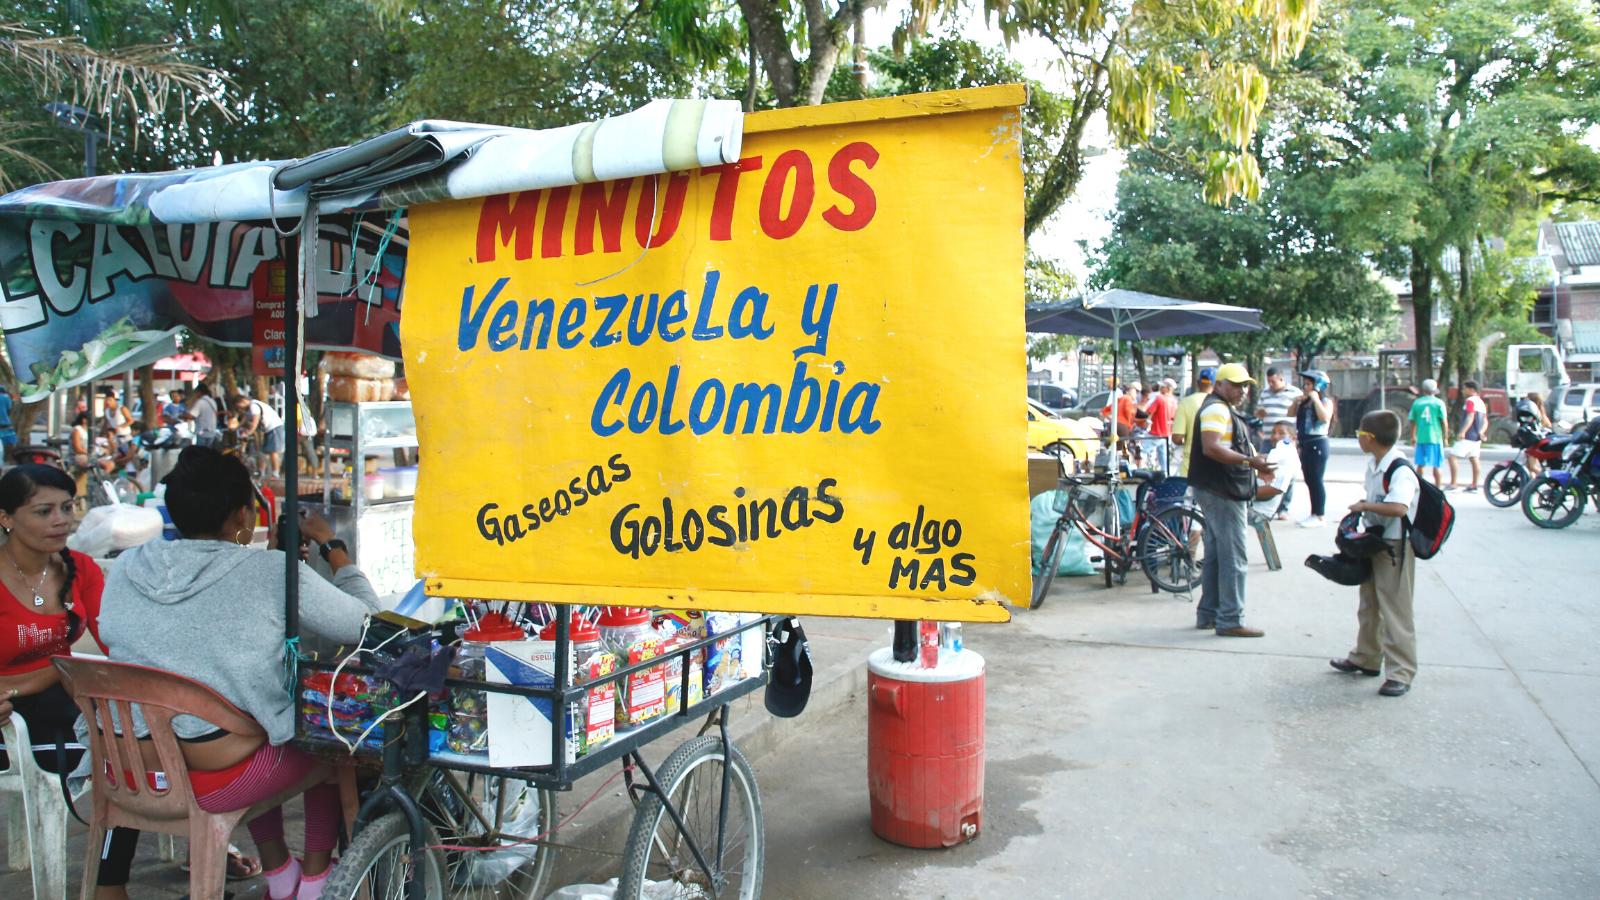 Bogotá es la ciudad con más migrantes venezolanos desempleados: Dane